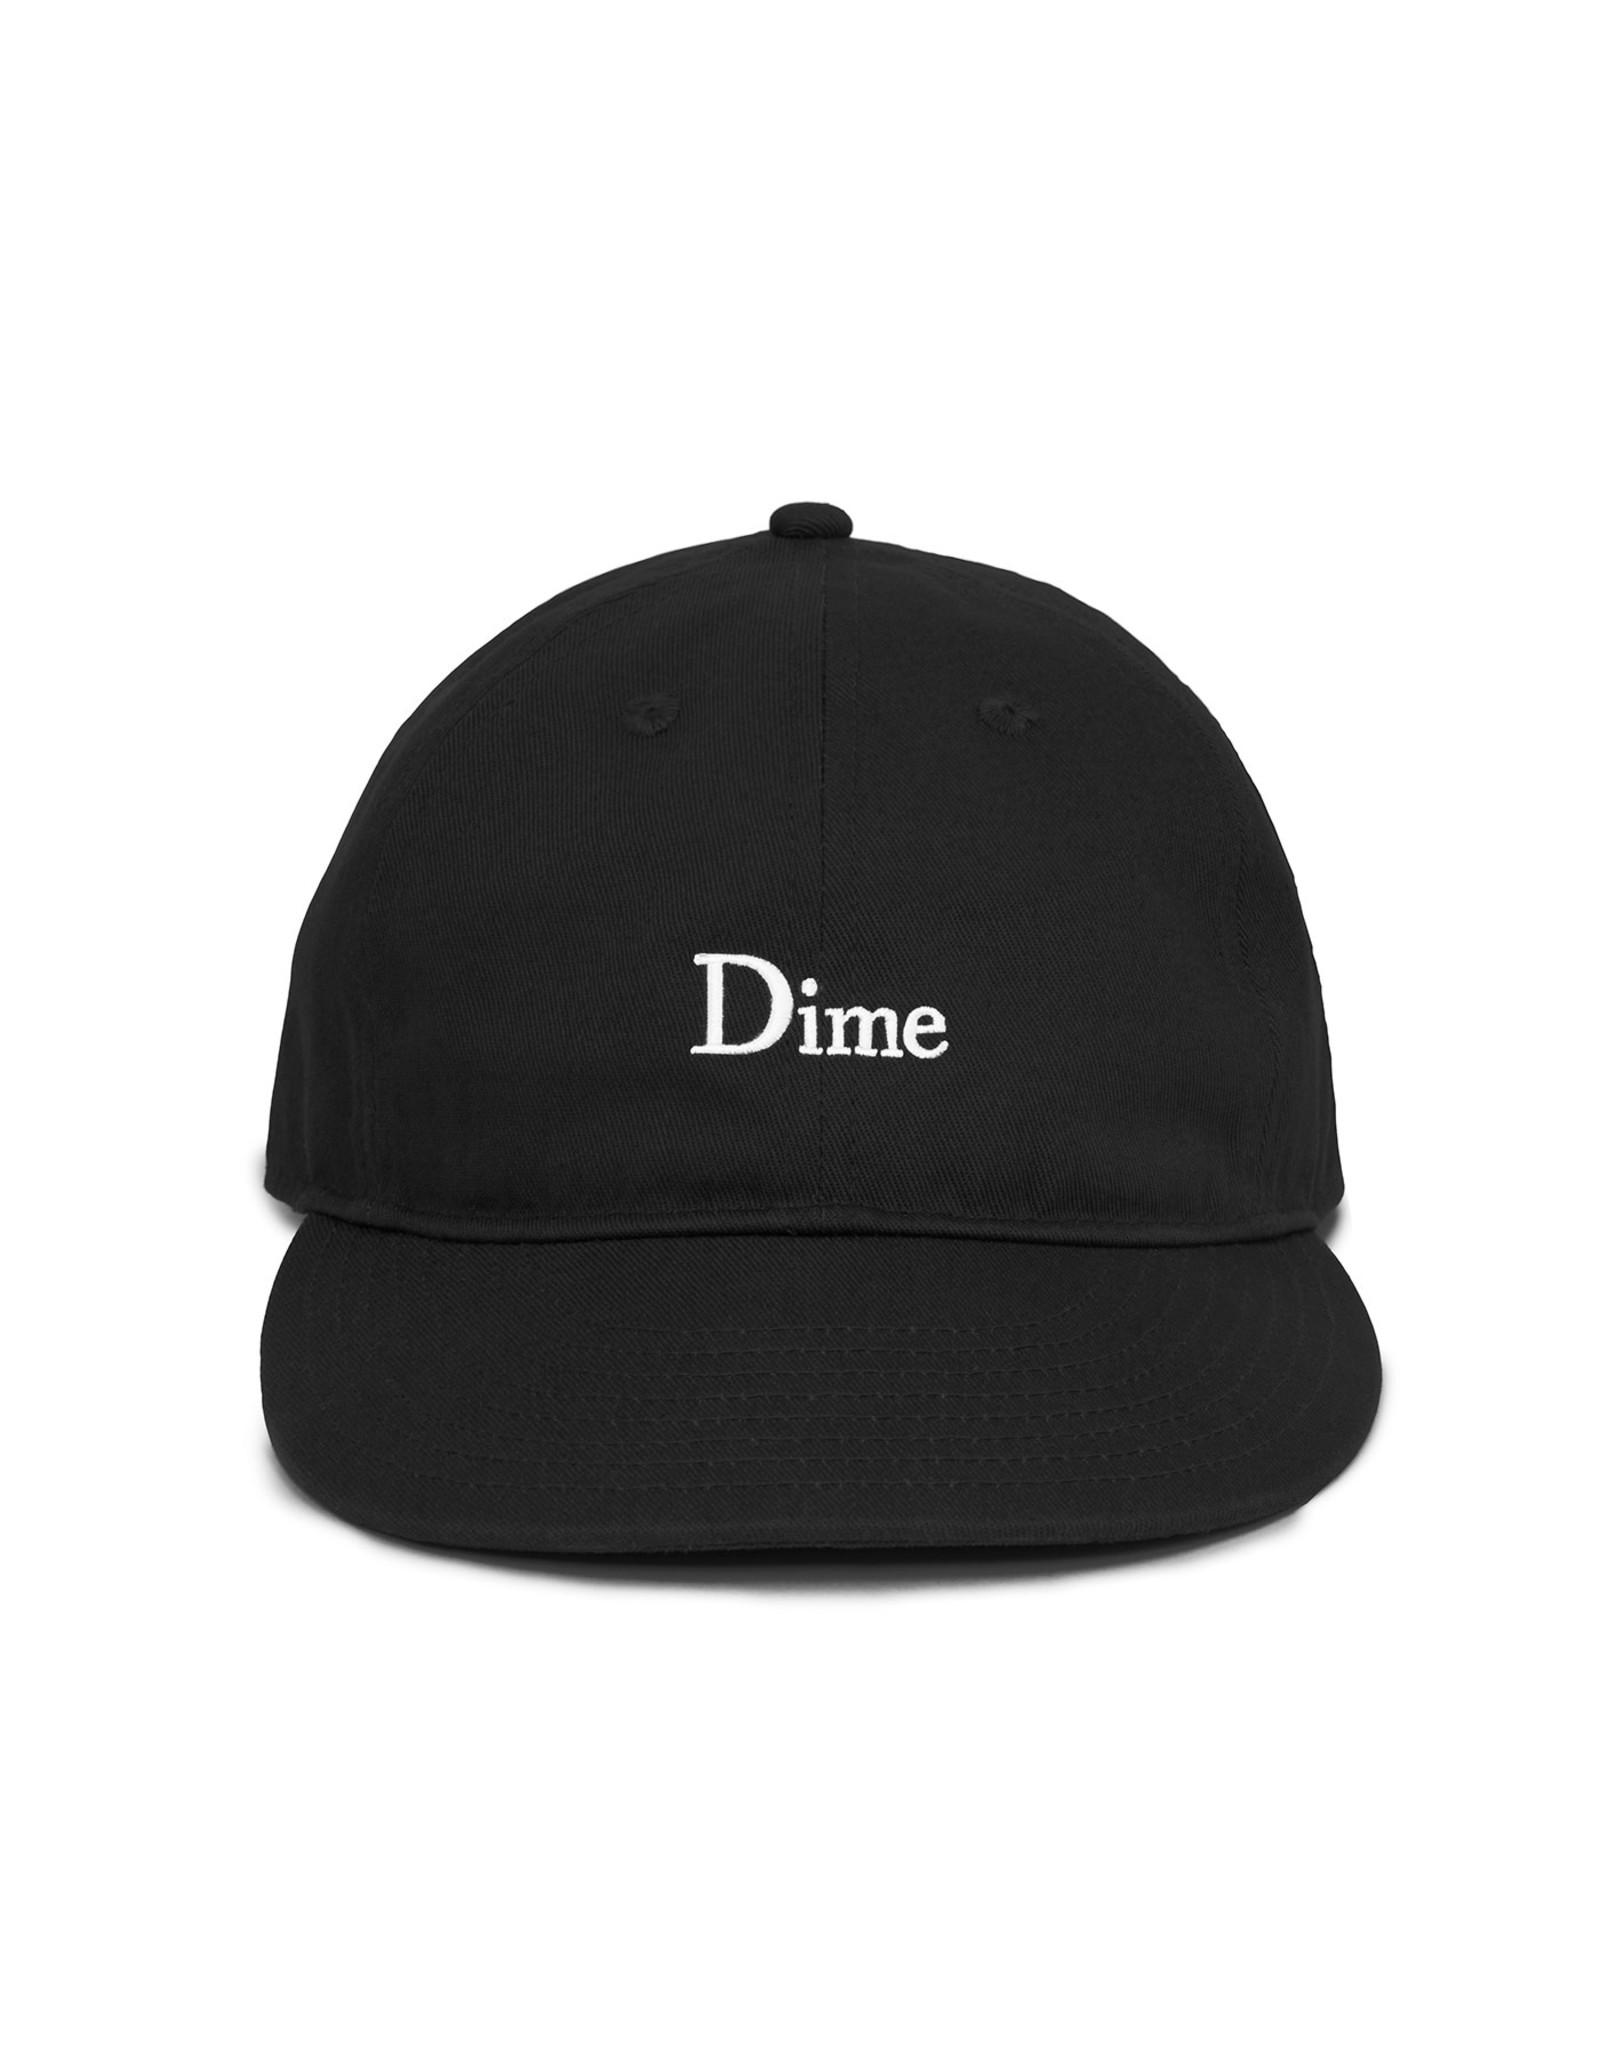 DIME CAP BLACK